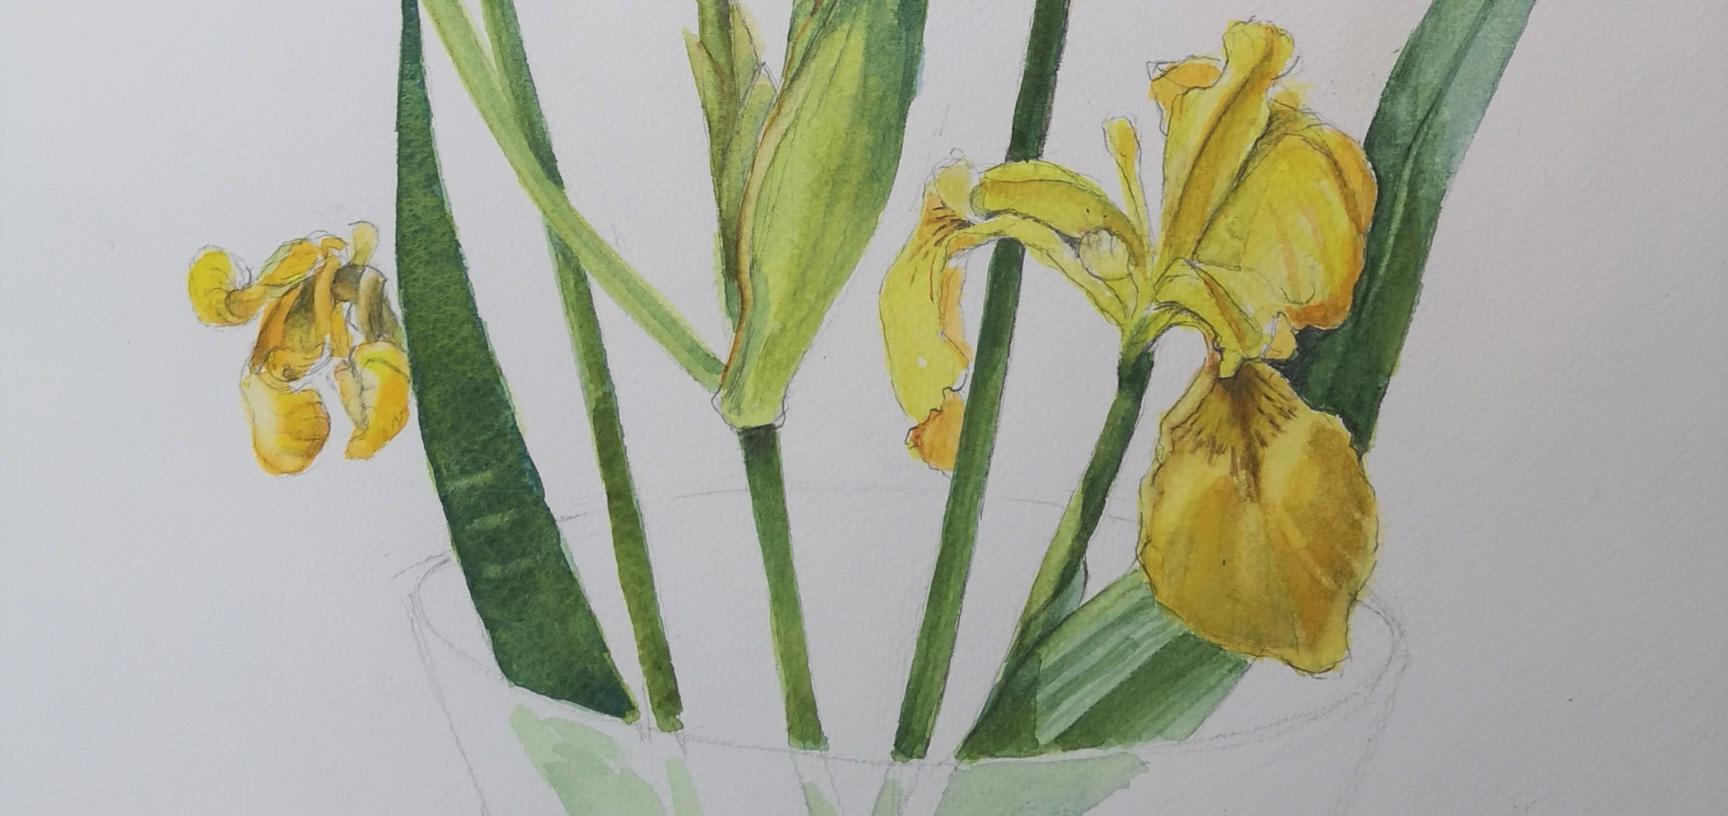 yellow river iris